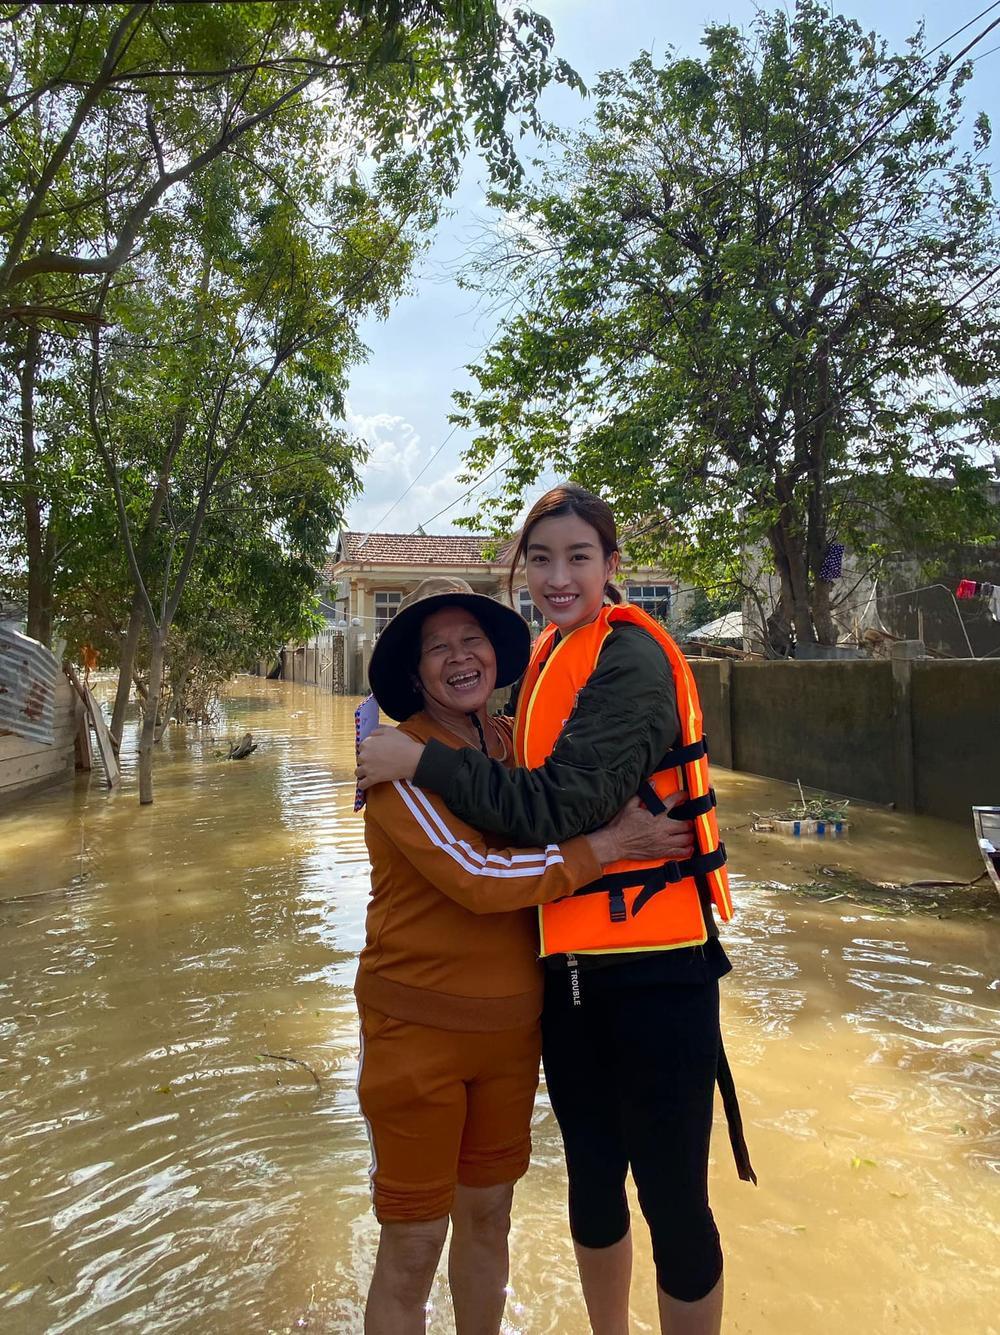 Hương Giang - Khánh Vân - Tiểu Vy - Lương Thùy Linh giúp đỡ đồng bào miền Trung vượt bão lũ Ảnh 7